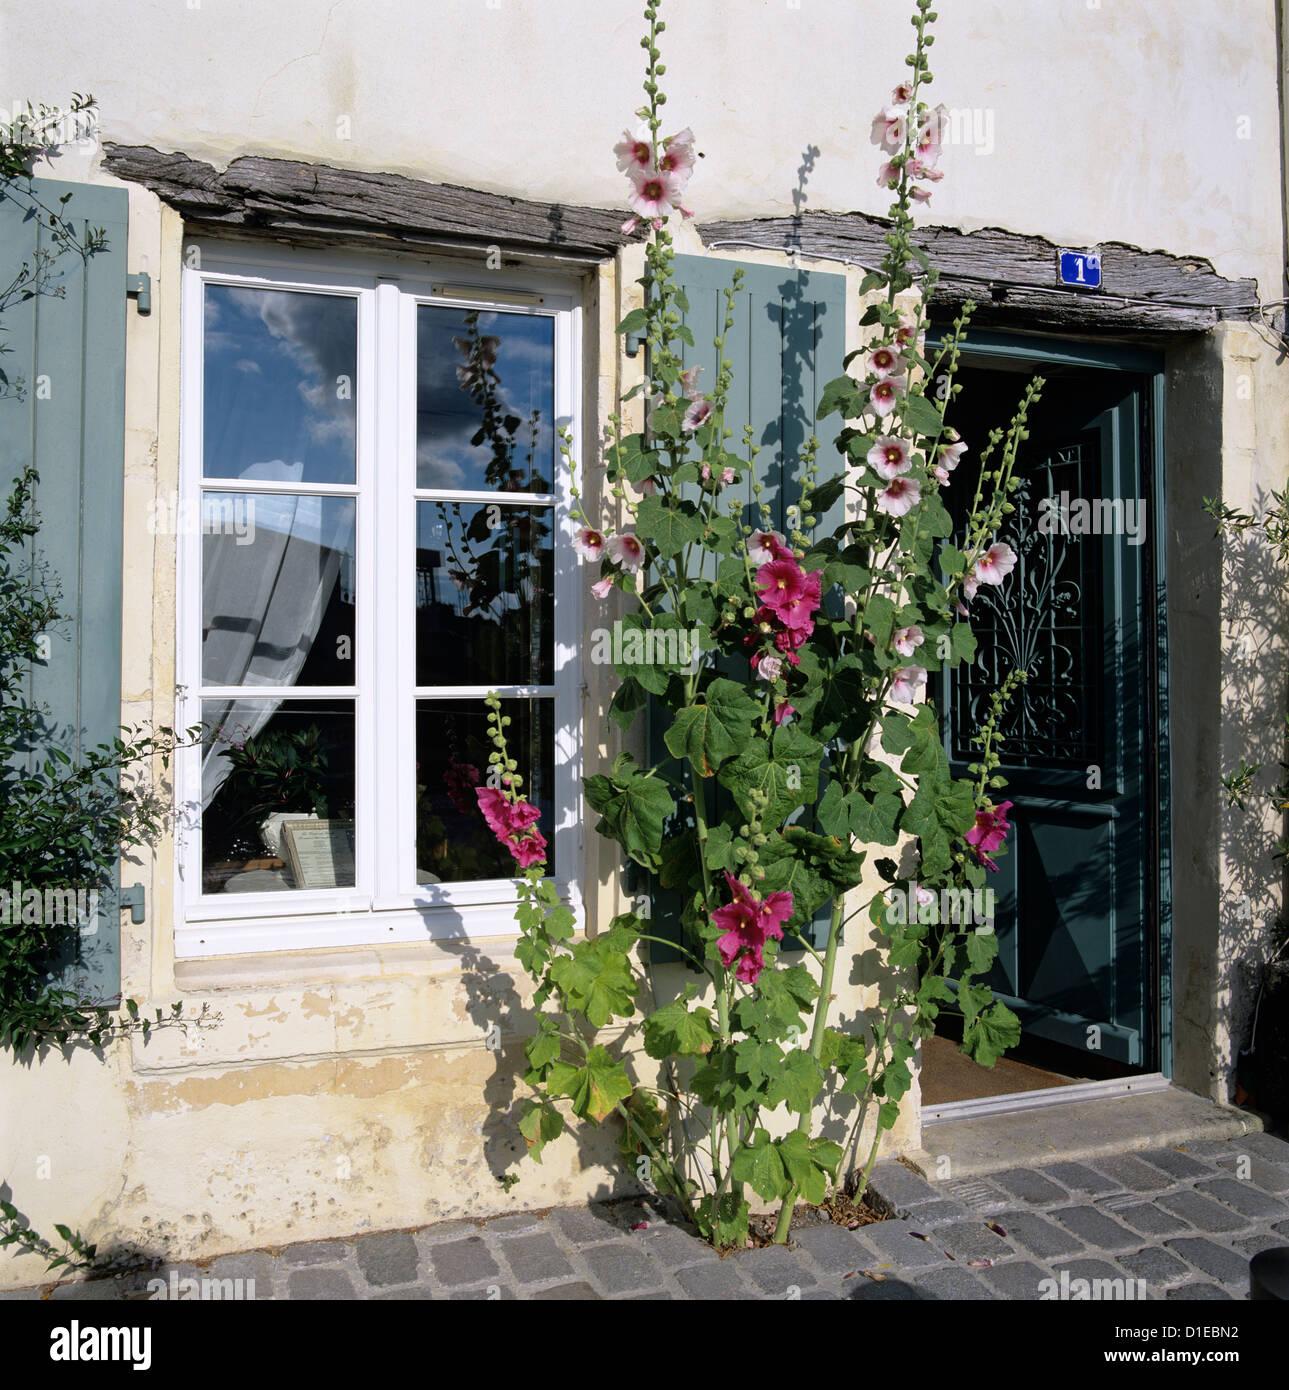 Tipica scena di finestre con persiane e hollyhocks, San Martino, Ile de Re, Poitou-Charentes, Francia, Europa Immagini Stock